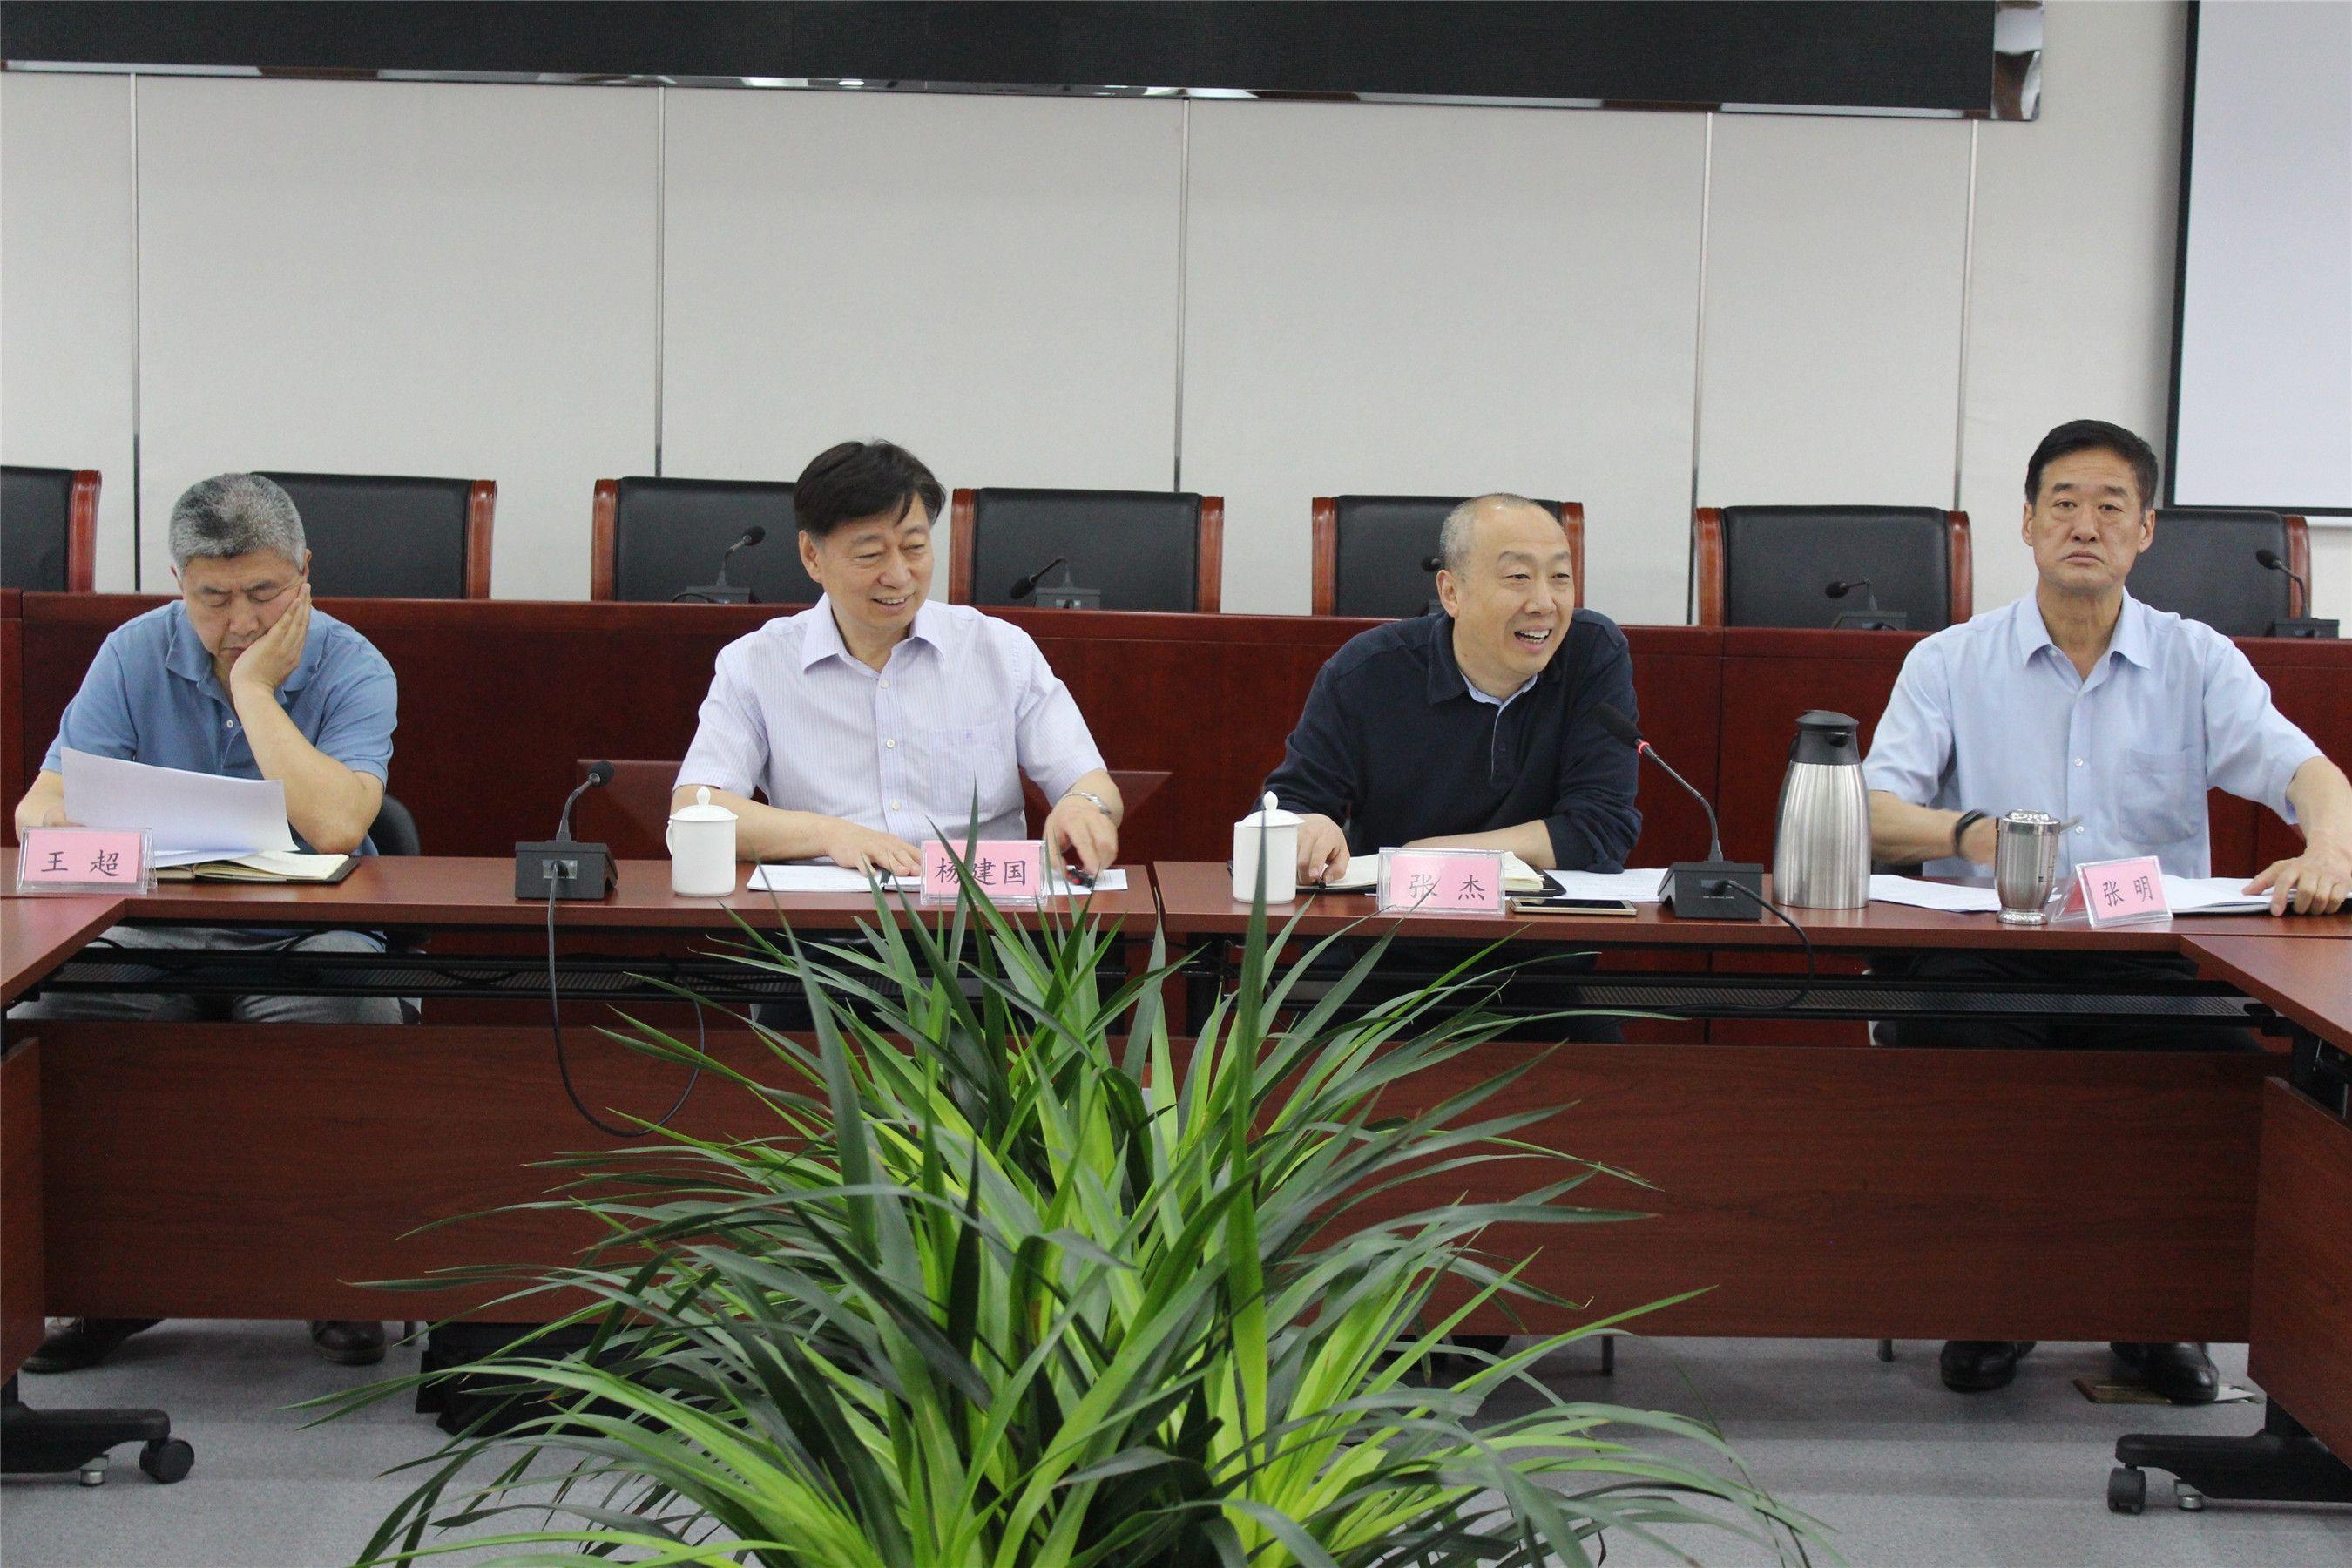 邮航机务工程部召开安全专题座谈会